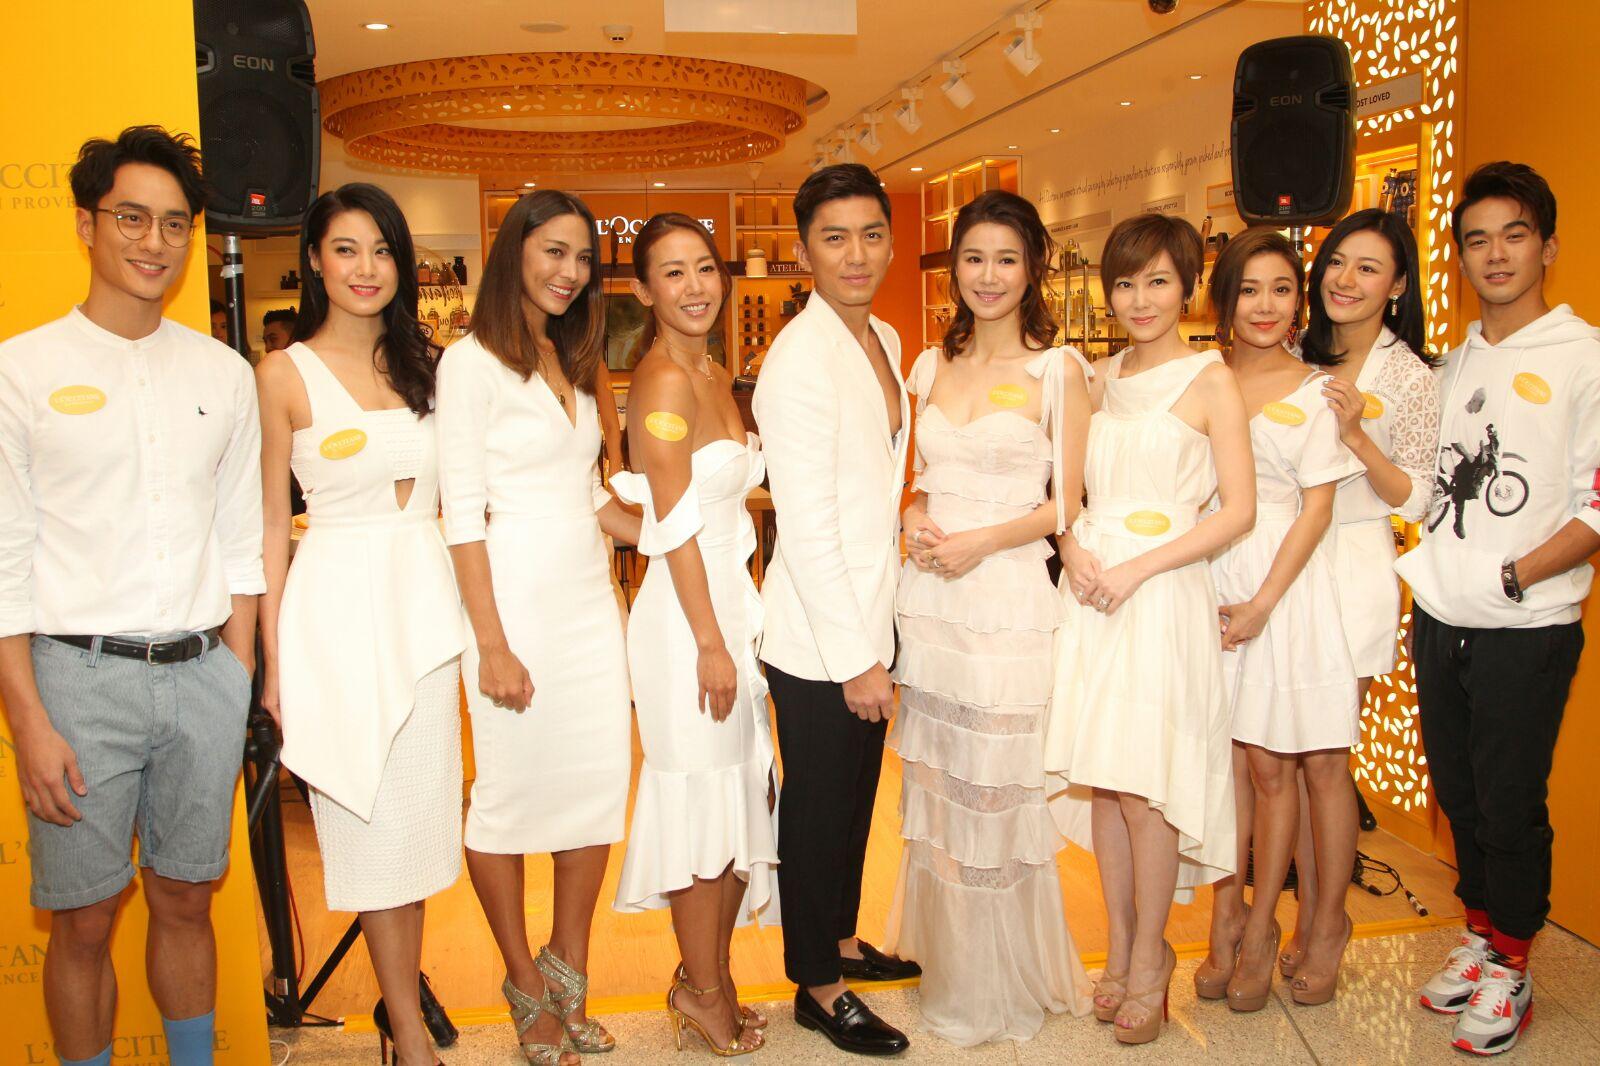 眾人出席護膚品牌開幕活動。